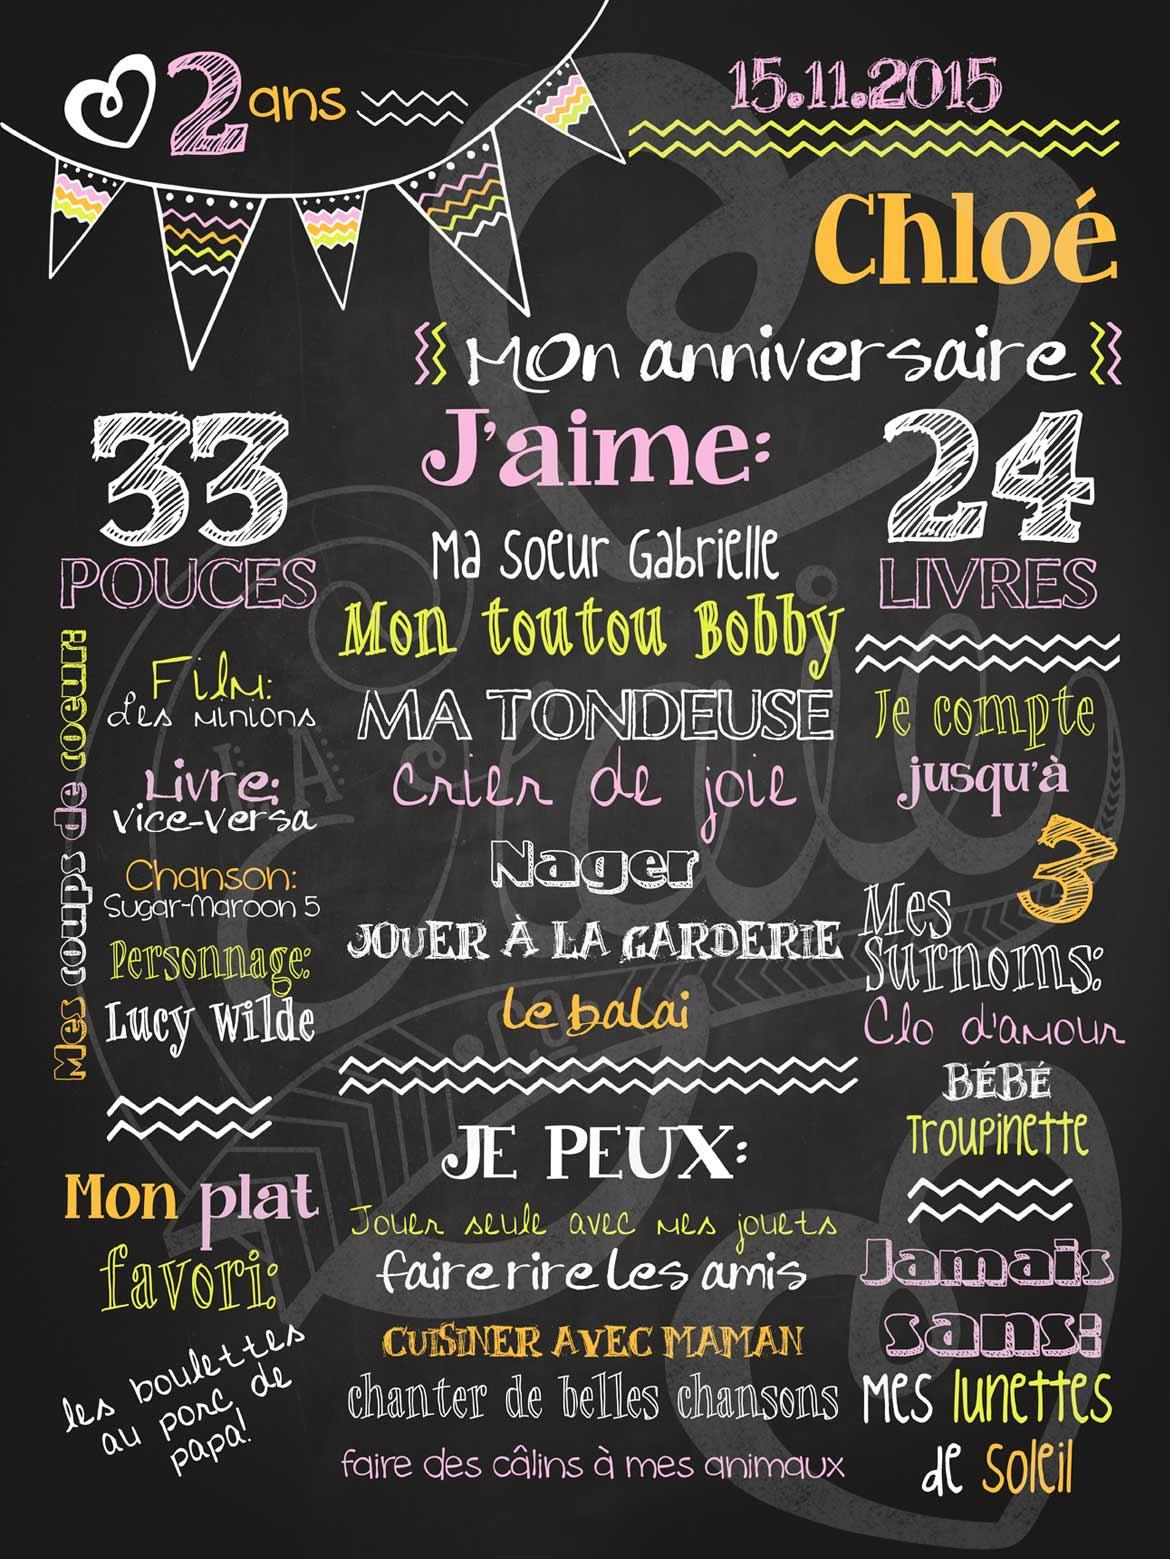 Connu Affiche personnalisée anniversaire Allez hop les fanions • La  SA43